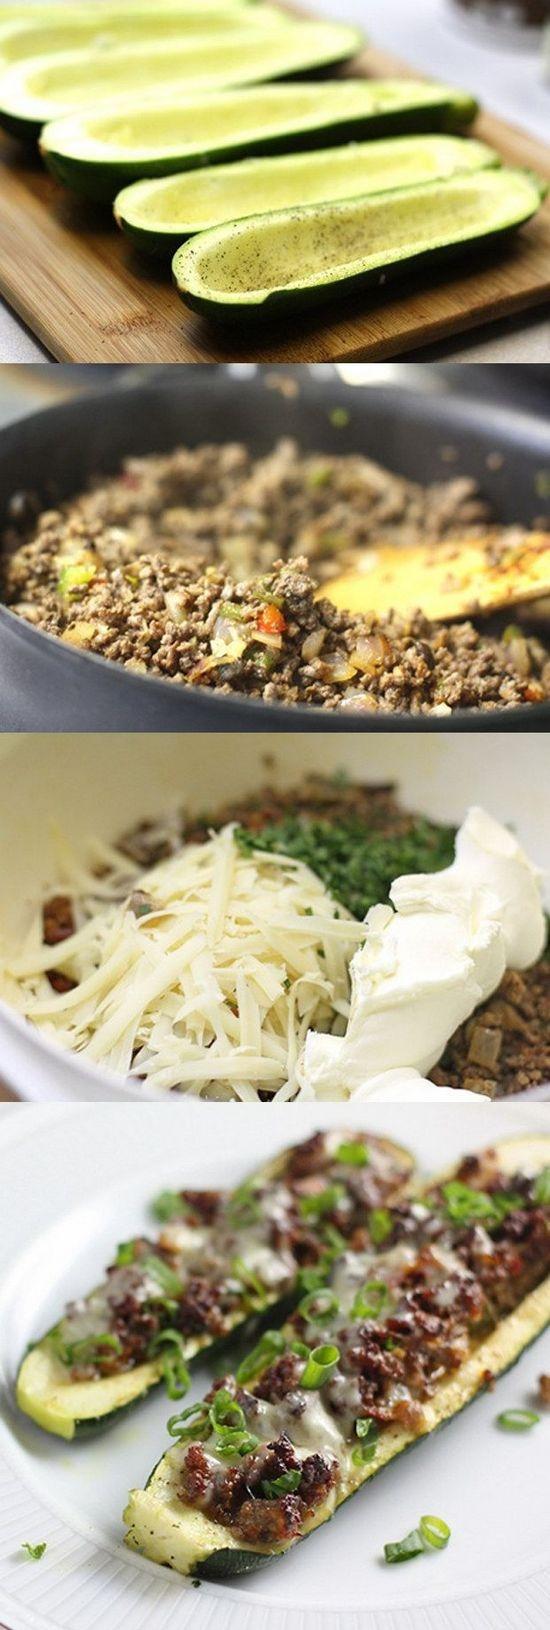 Запечь кабачок в духовке с фаршем и овощами